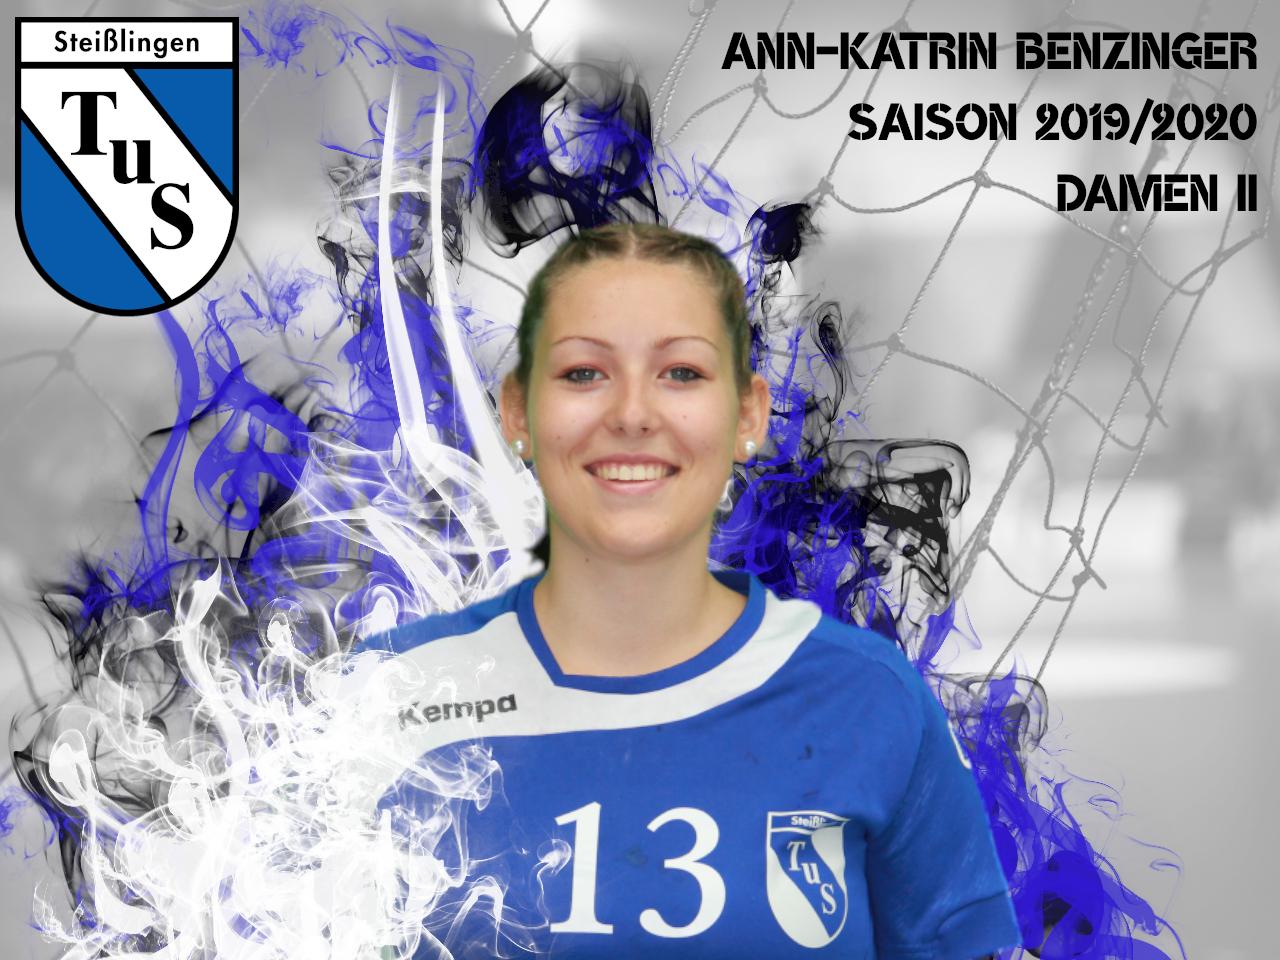 Ann-Katrin Benzinger